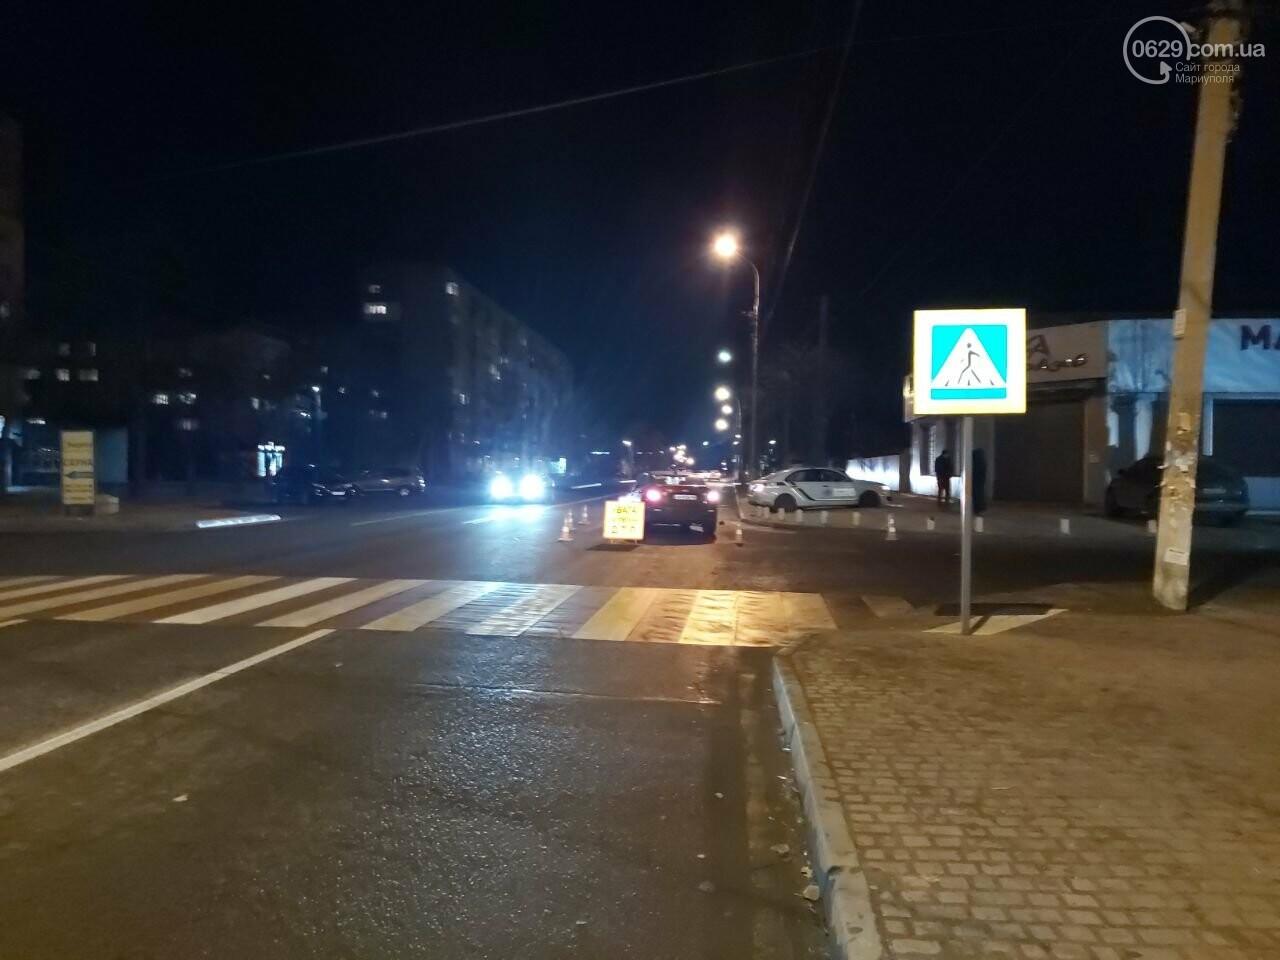 Полиция ищет свидетелей смертельного ДТП в Мариуполе, - ФОТО, фото-2